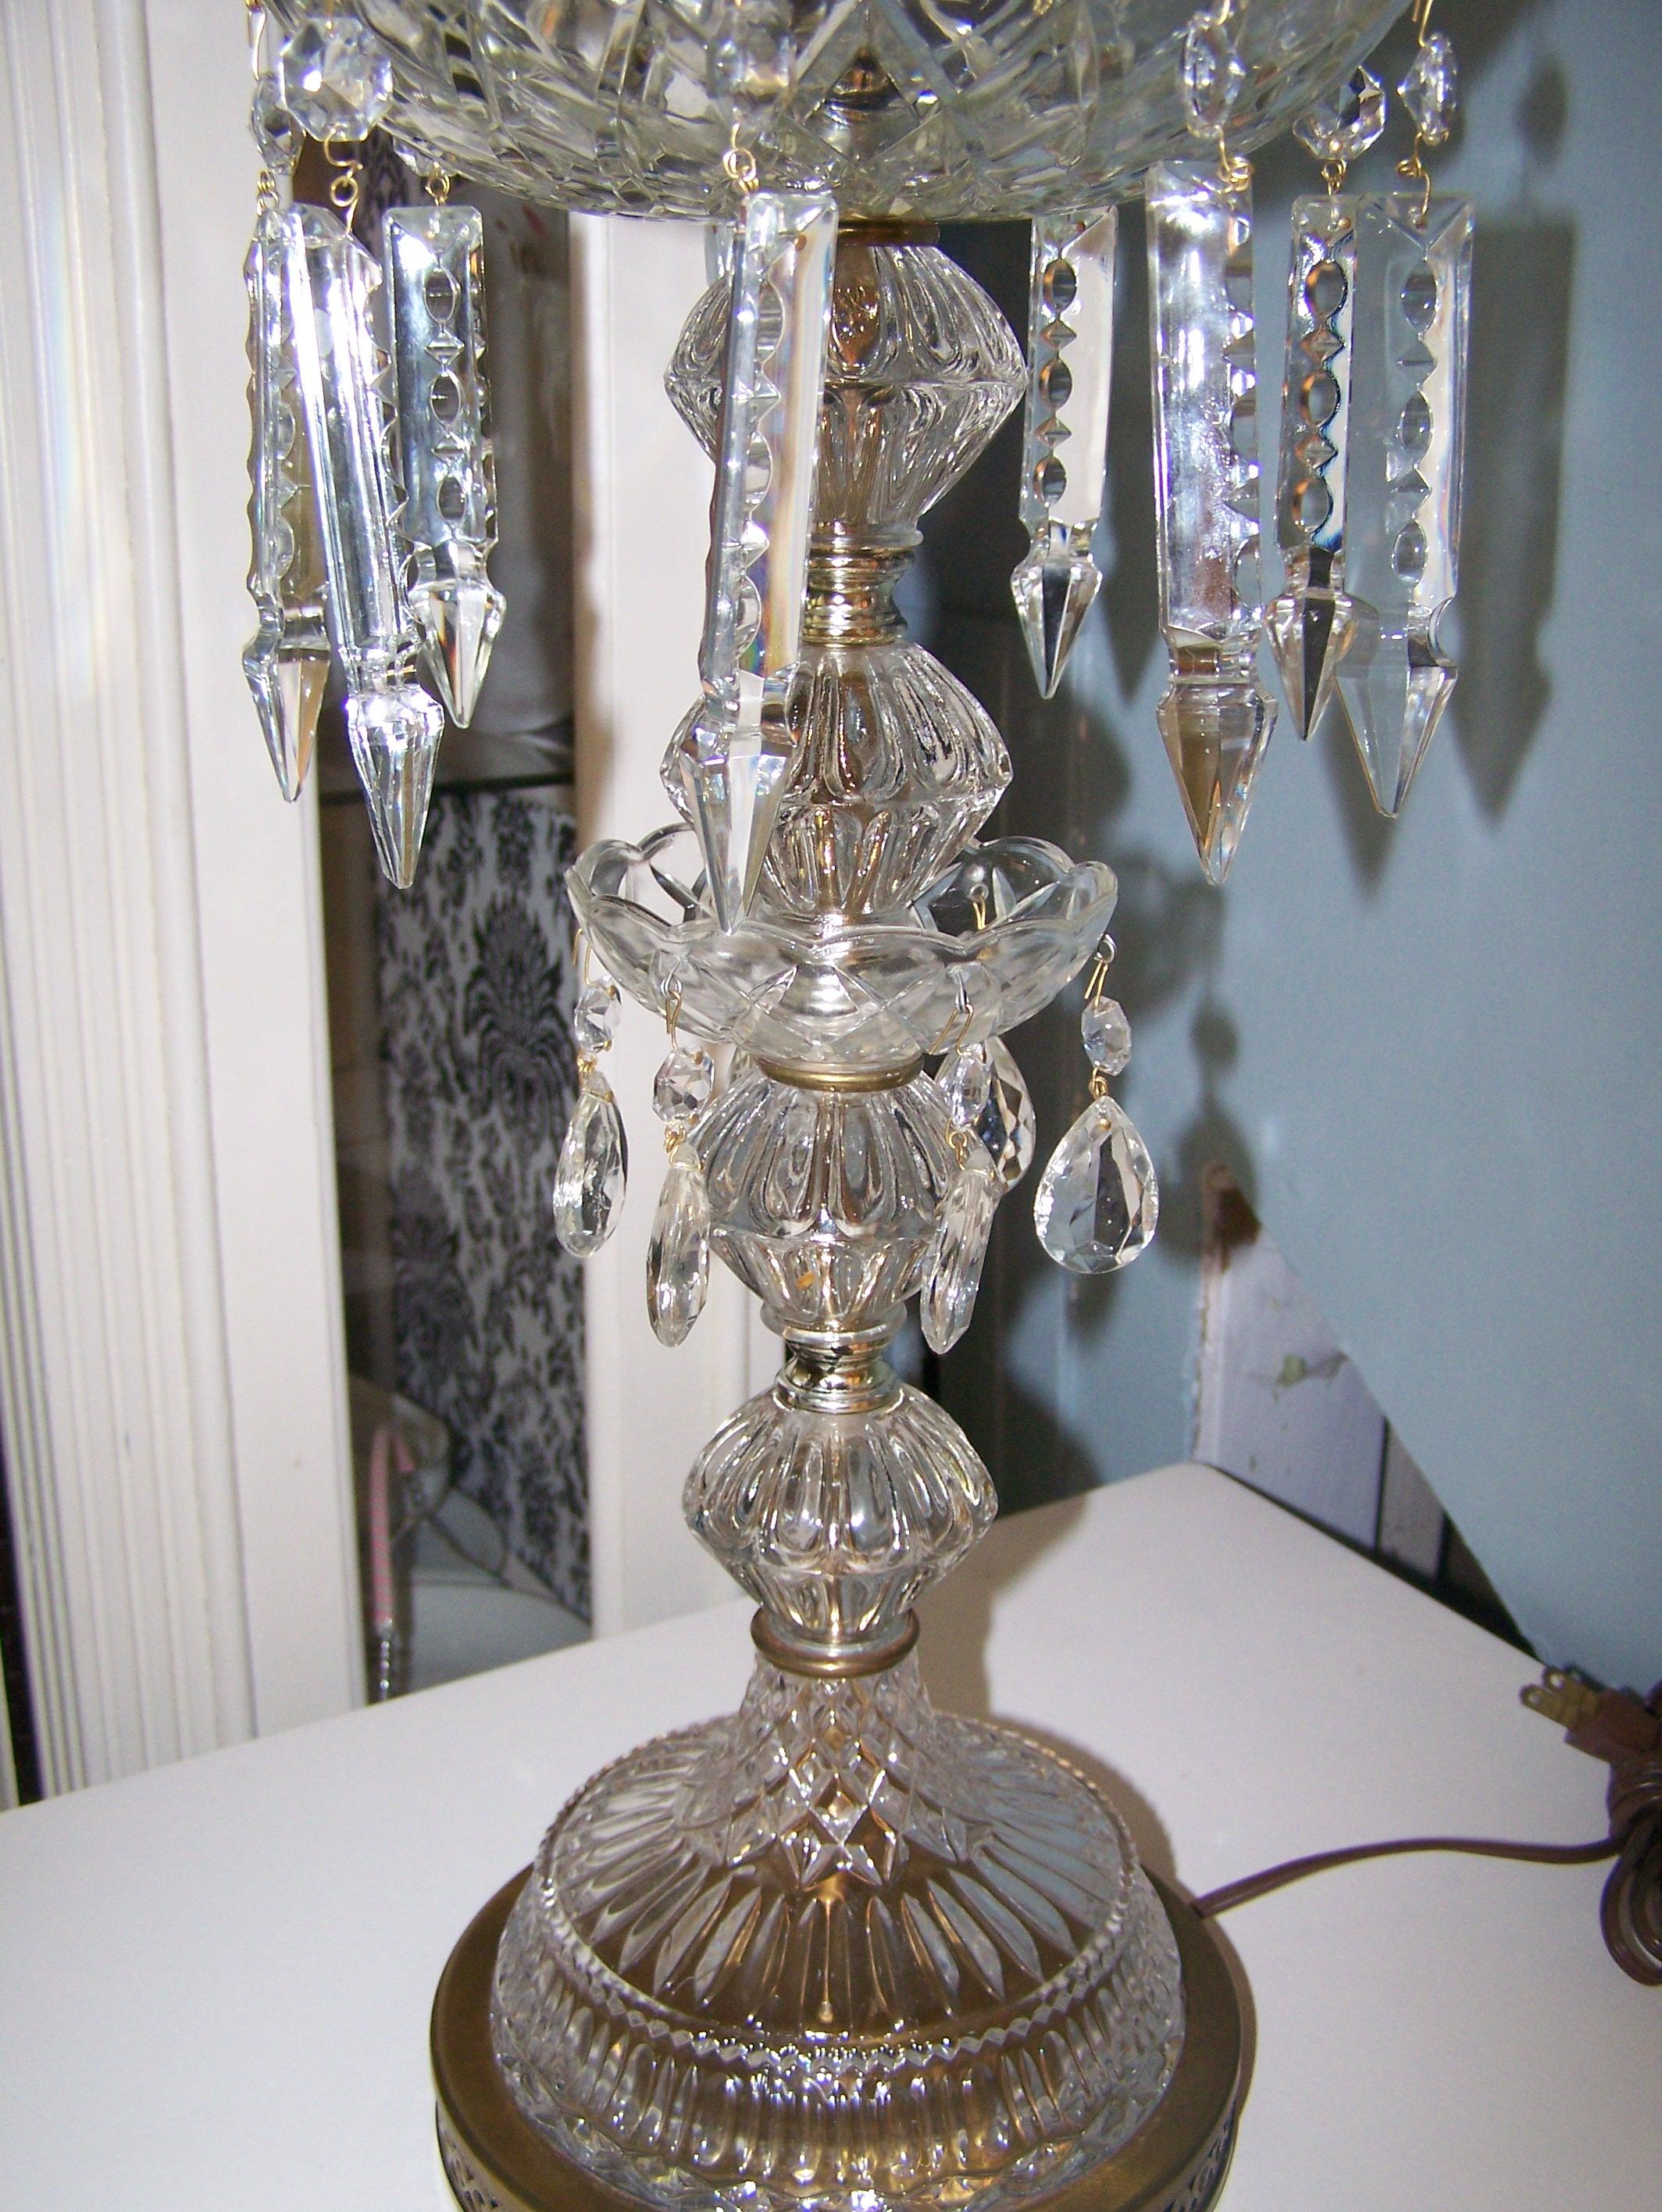 Delightful Vintage Crystal Lamps